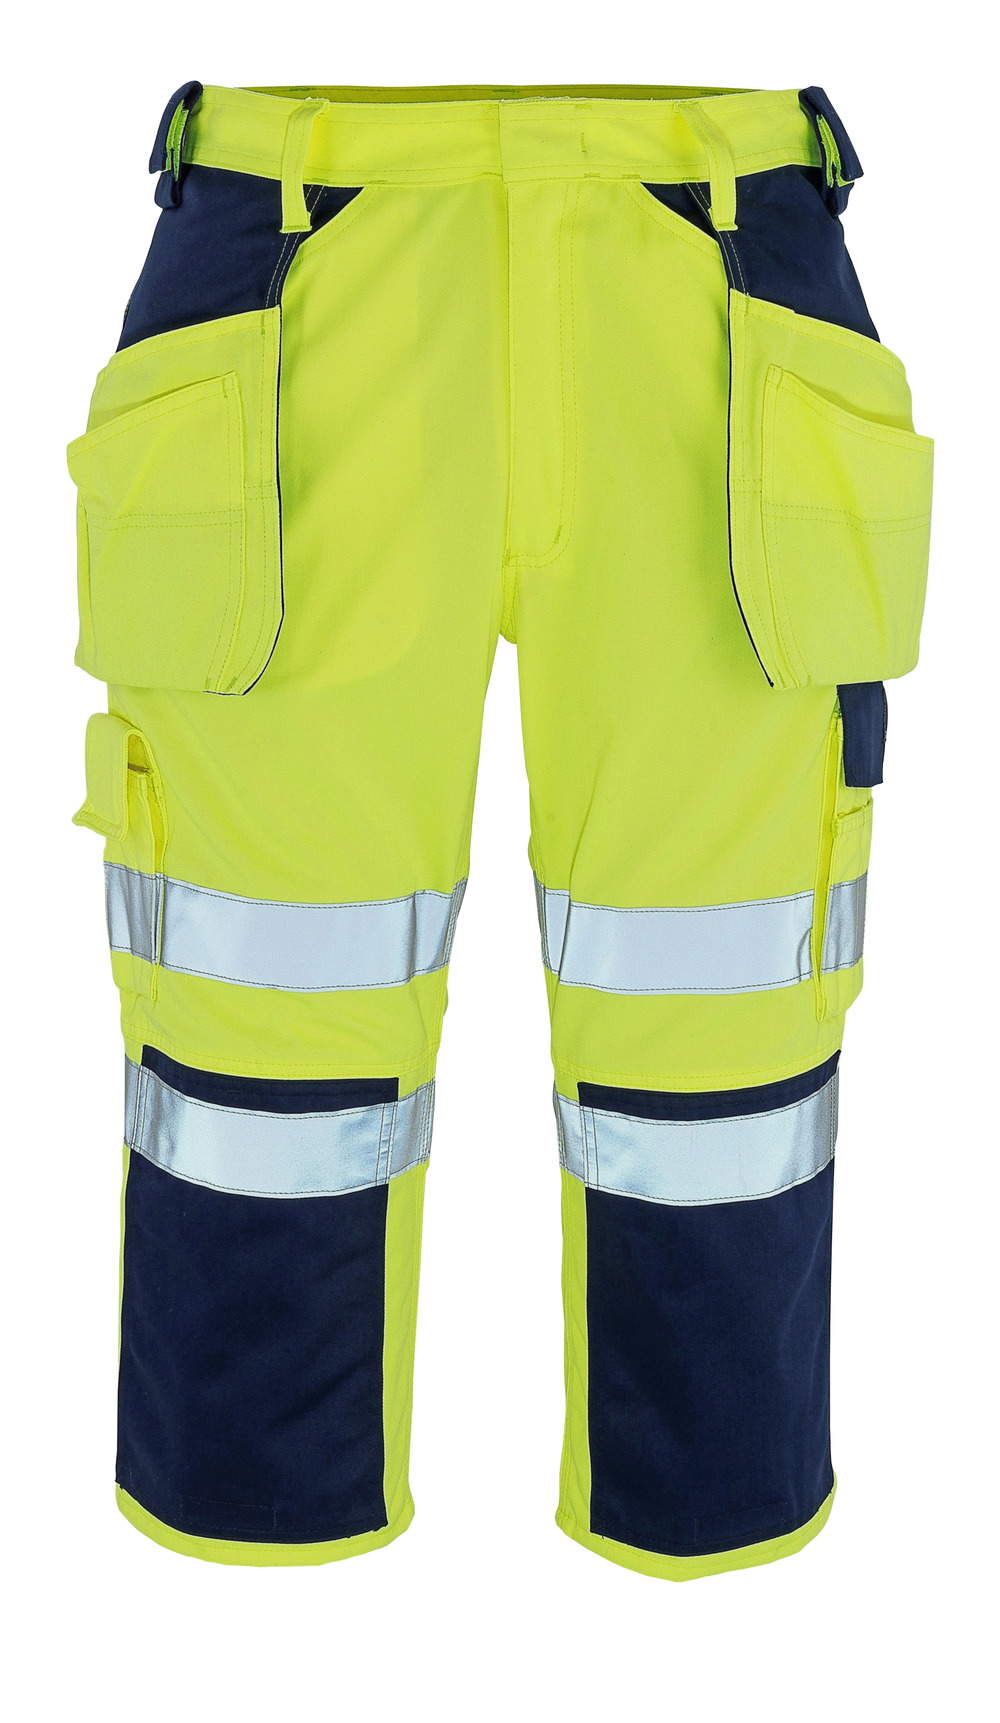 09149-470-171 Knickers med knæ- og hængelommer - hi-vis gul/marine